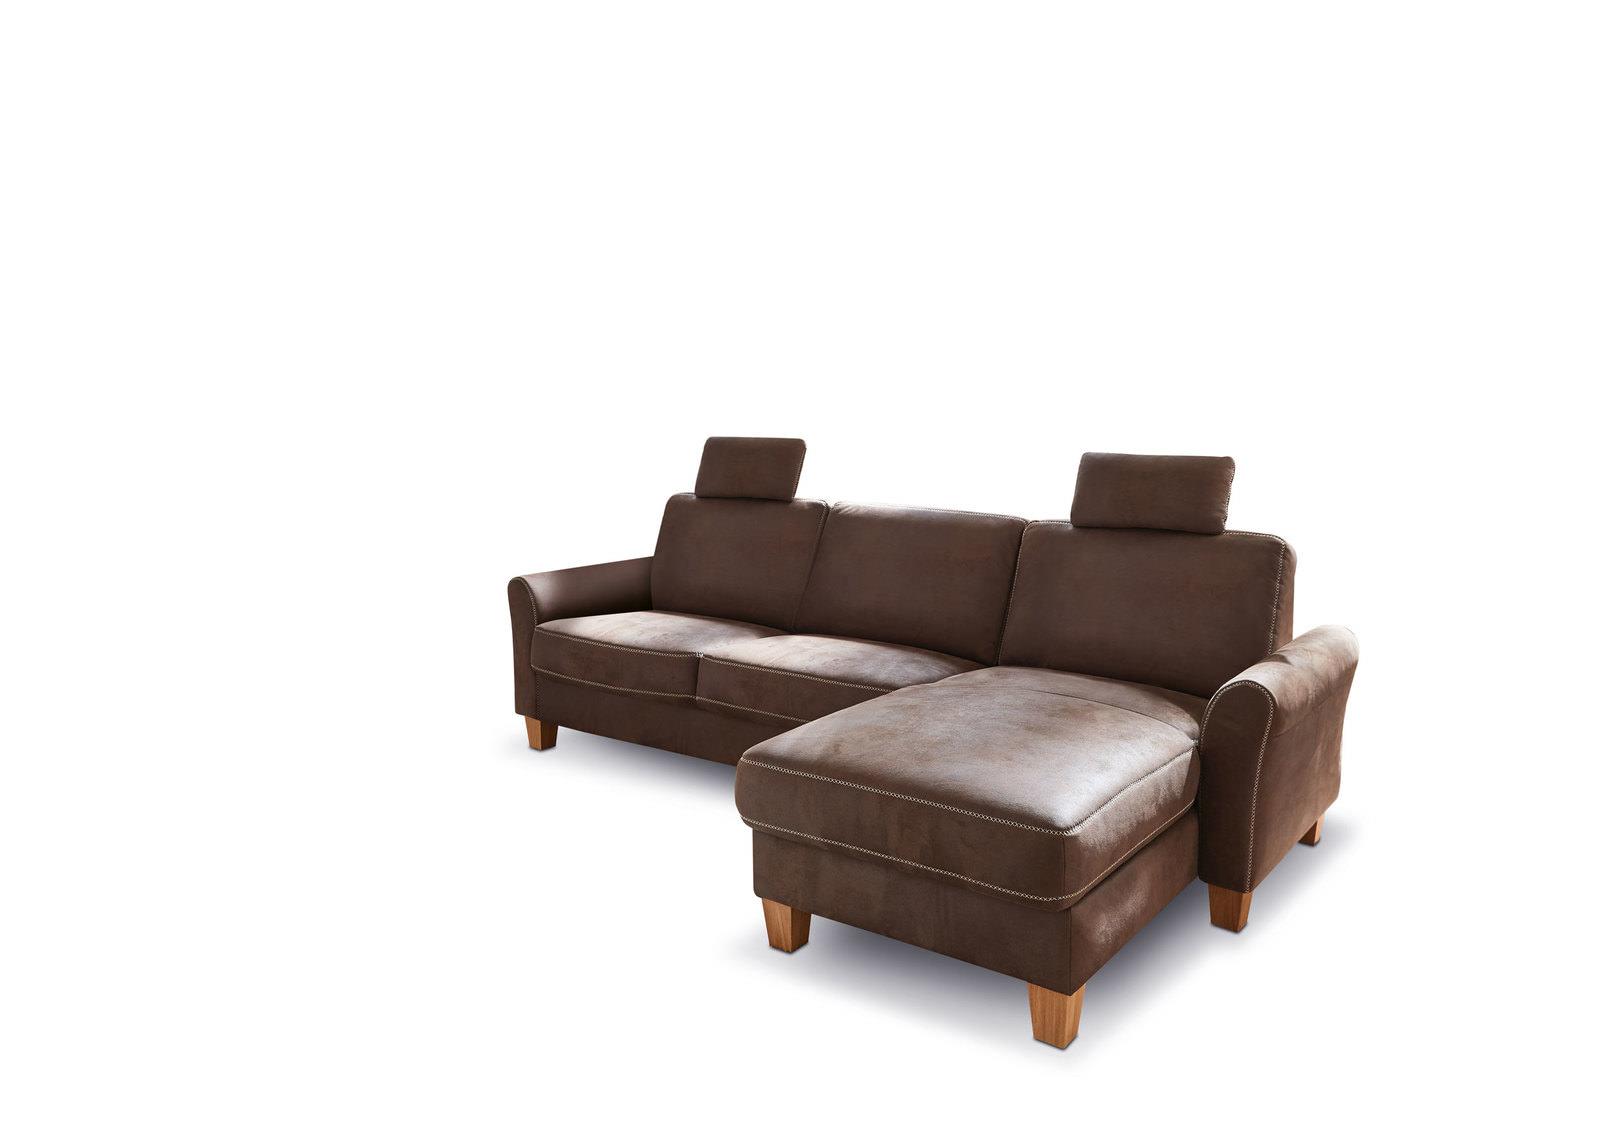 vito polstergarnitur online entdecken knuffmann ihr. Black Bedroom Furniture Sets. Home Design Ideas